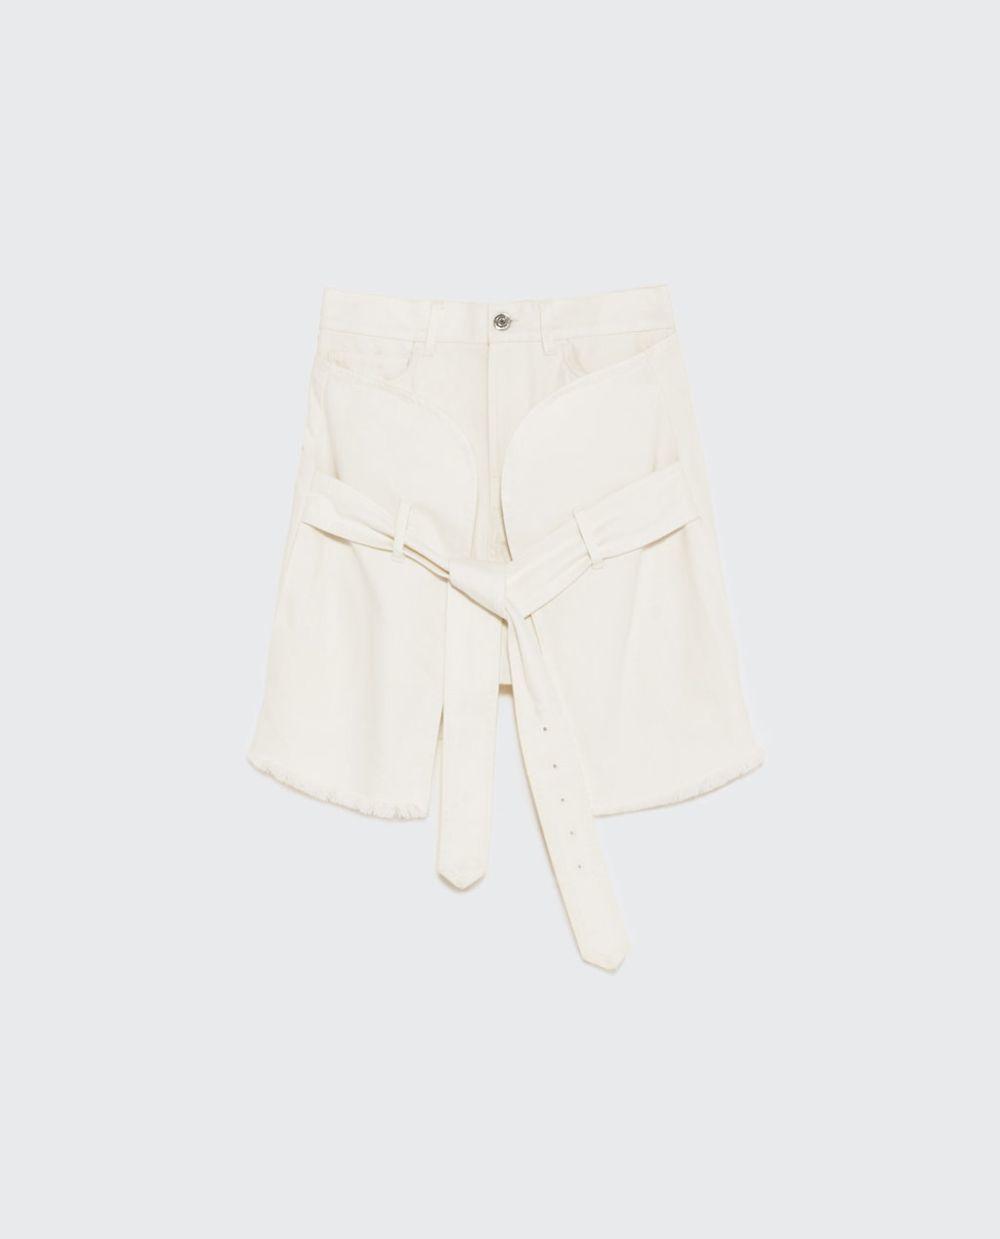 Falda blanca cruzada. De Zara (39,95 euros).